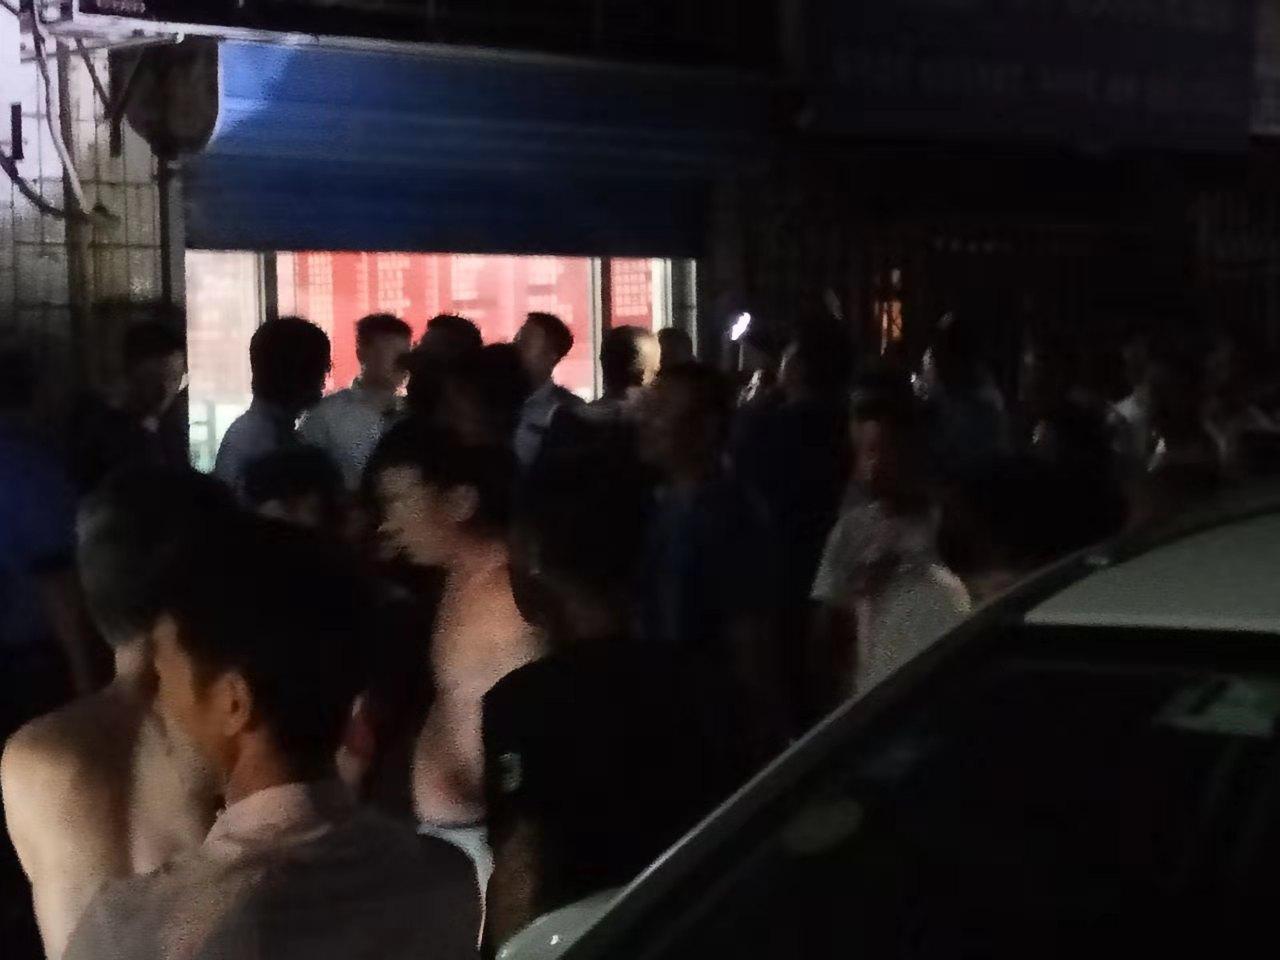 十一前 北京城管、警察清理小商戶